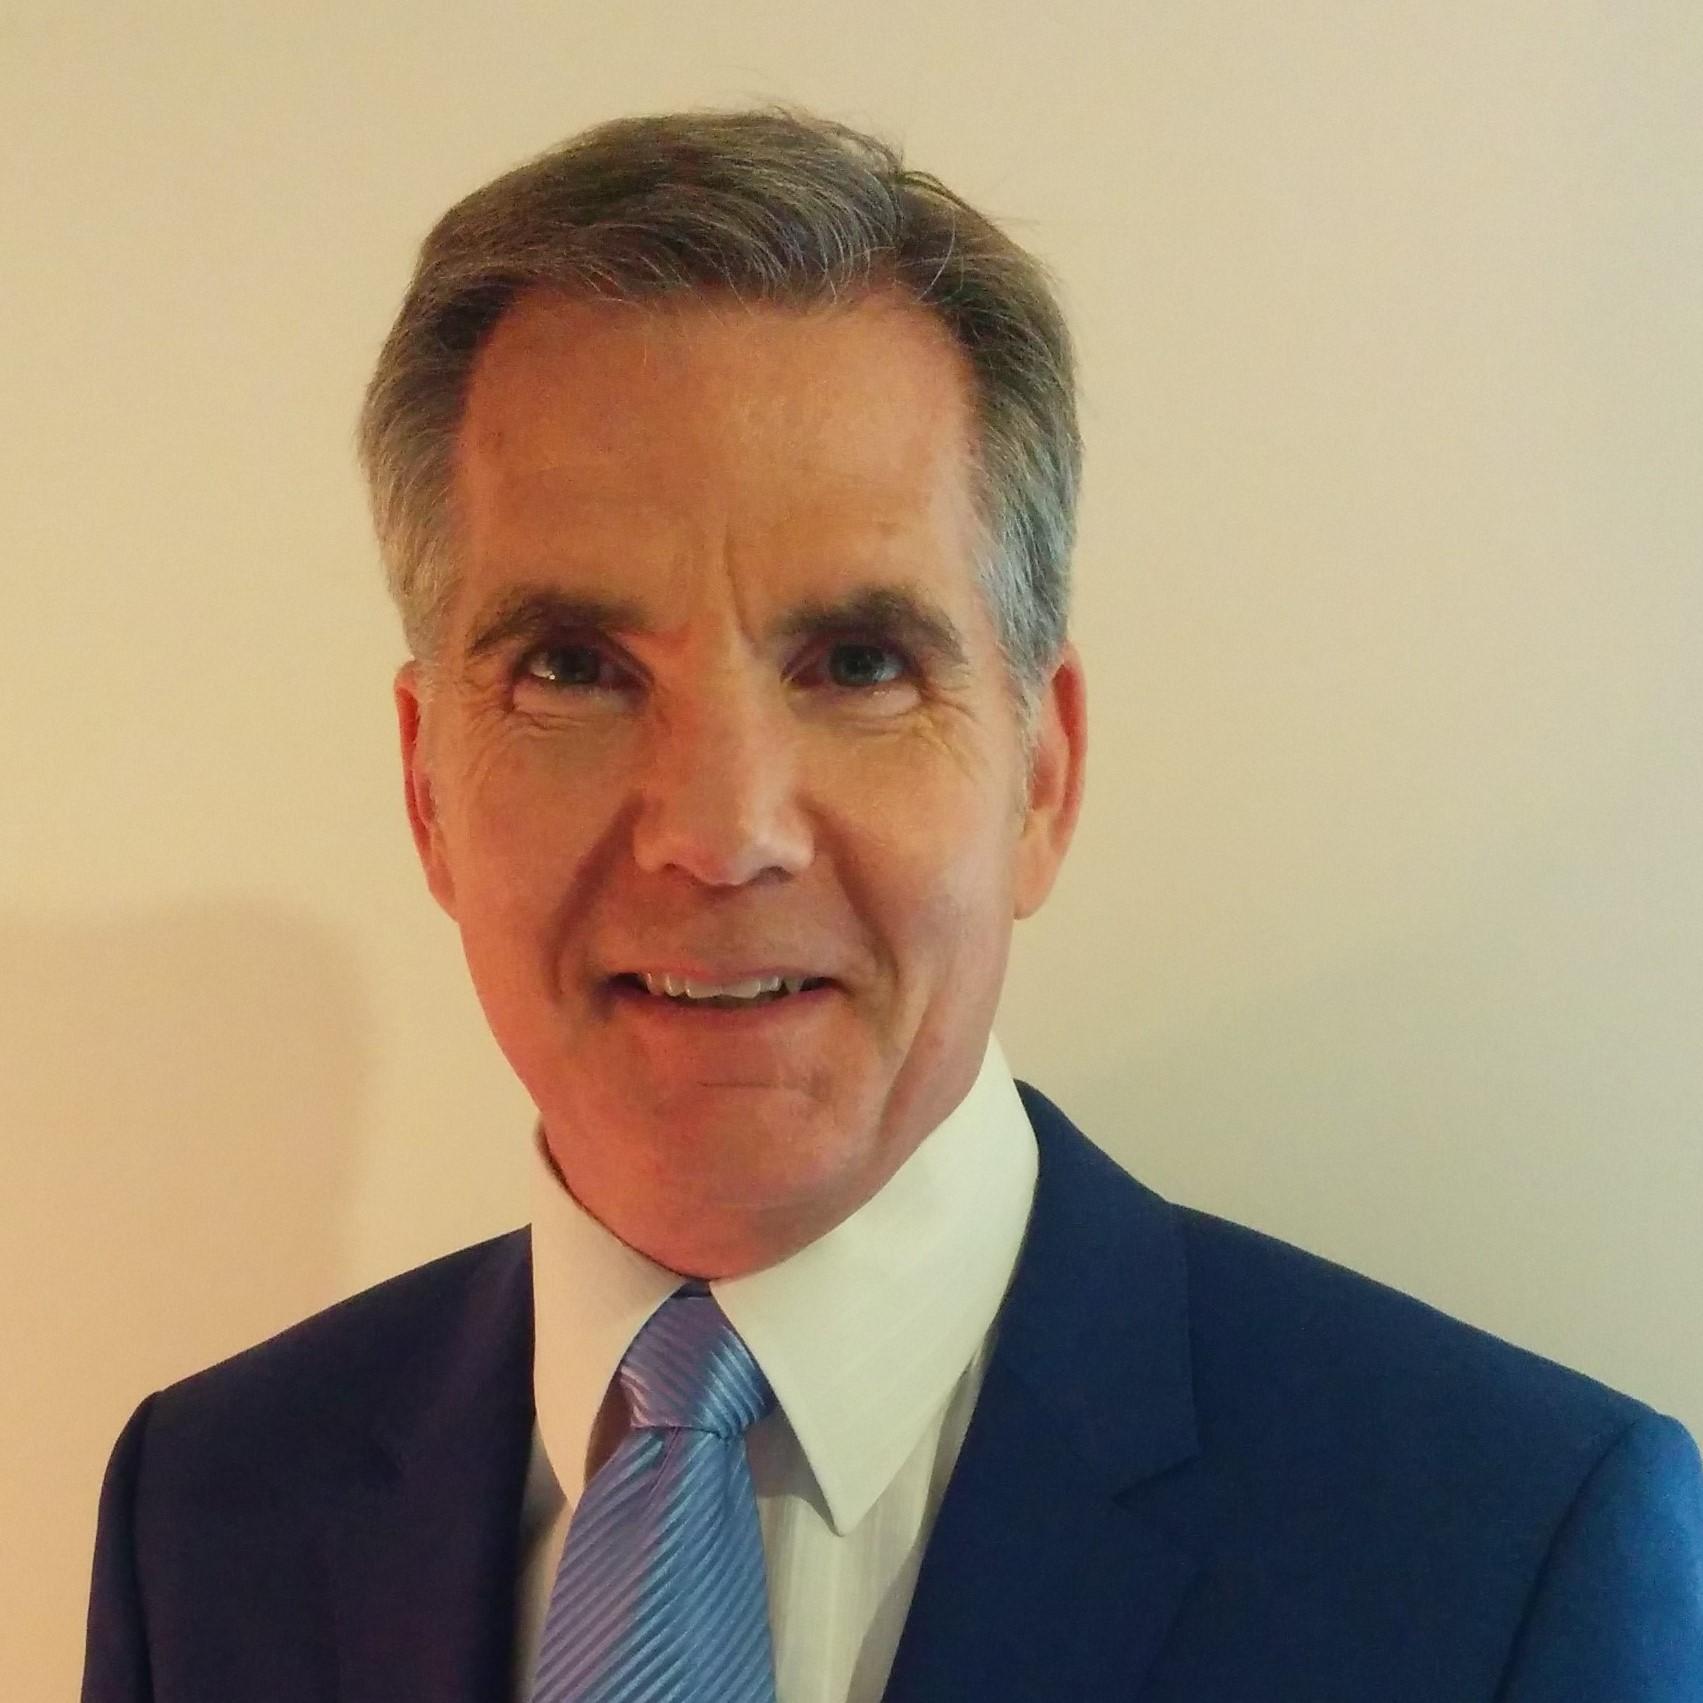 Steve K. Lanier